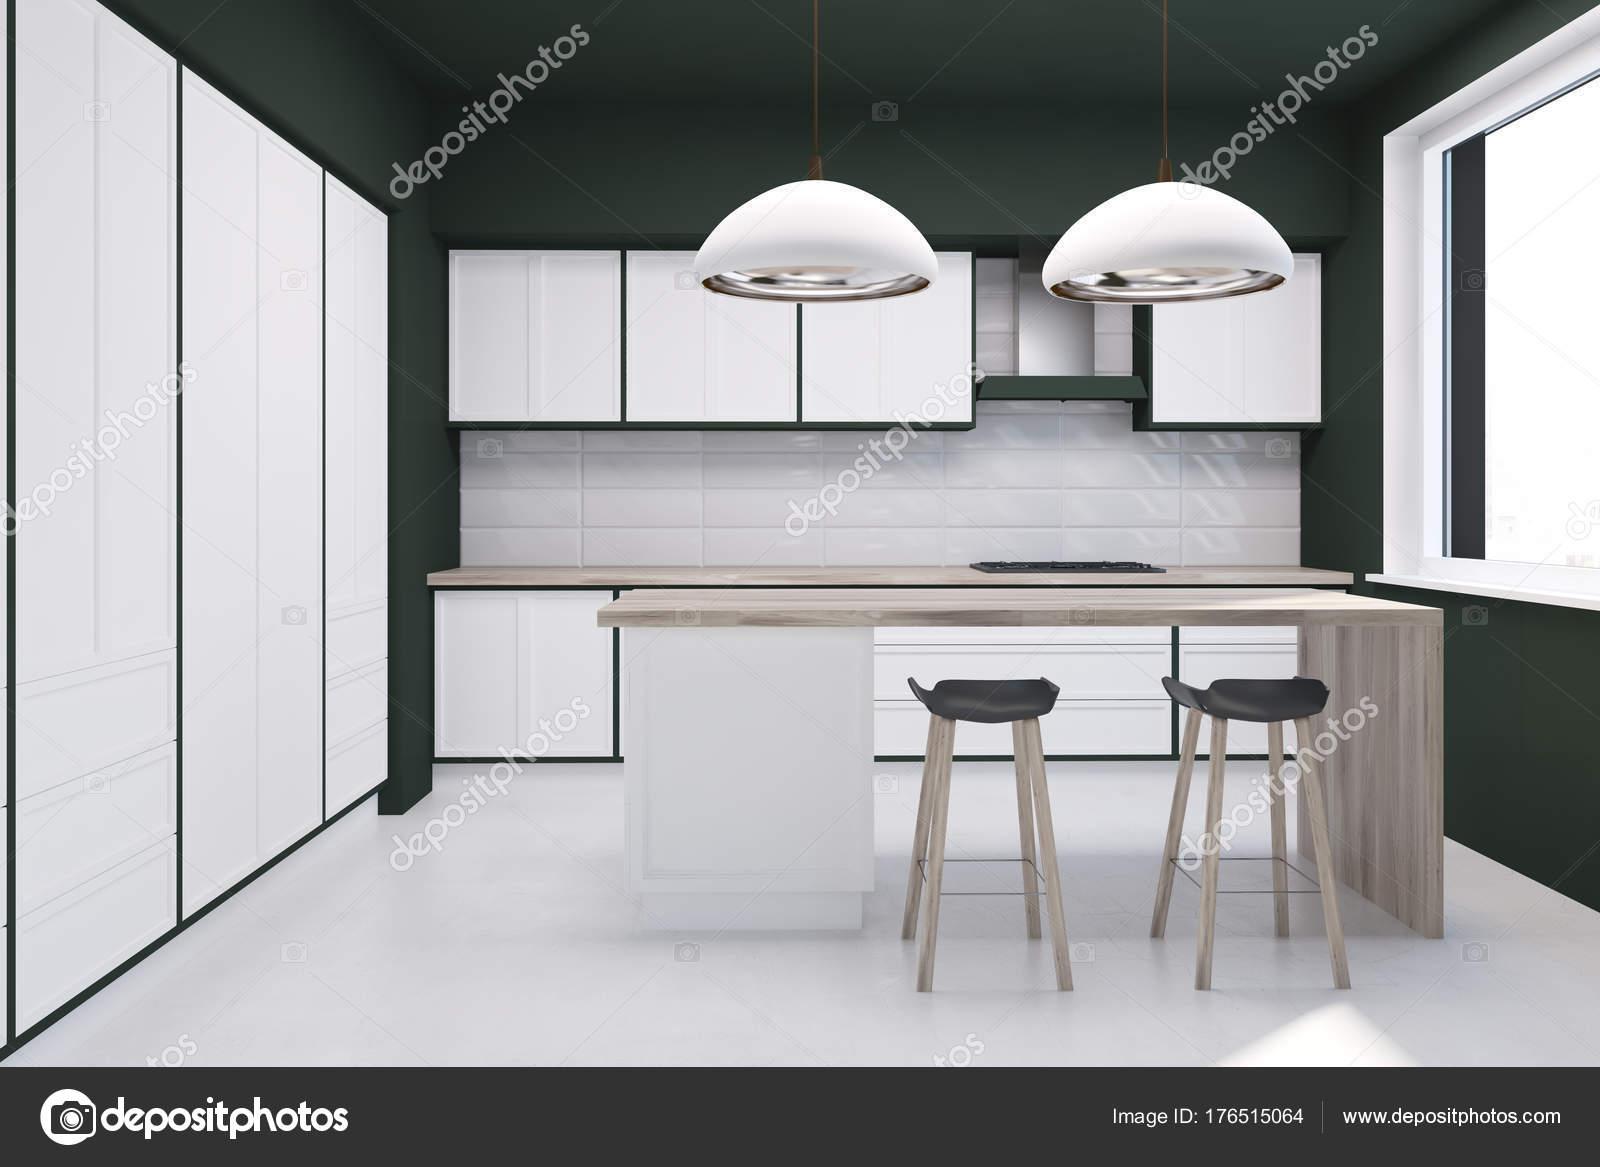 Cucina panoramica piastrelle bianche u foto stock denisismagilov